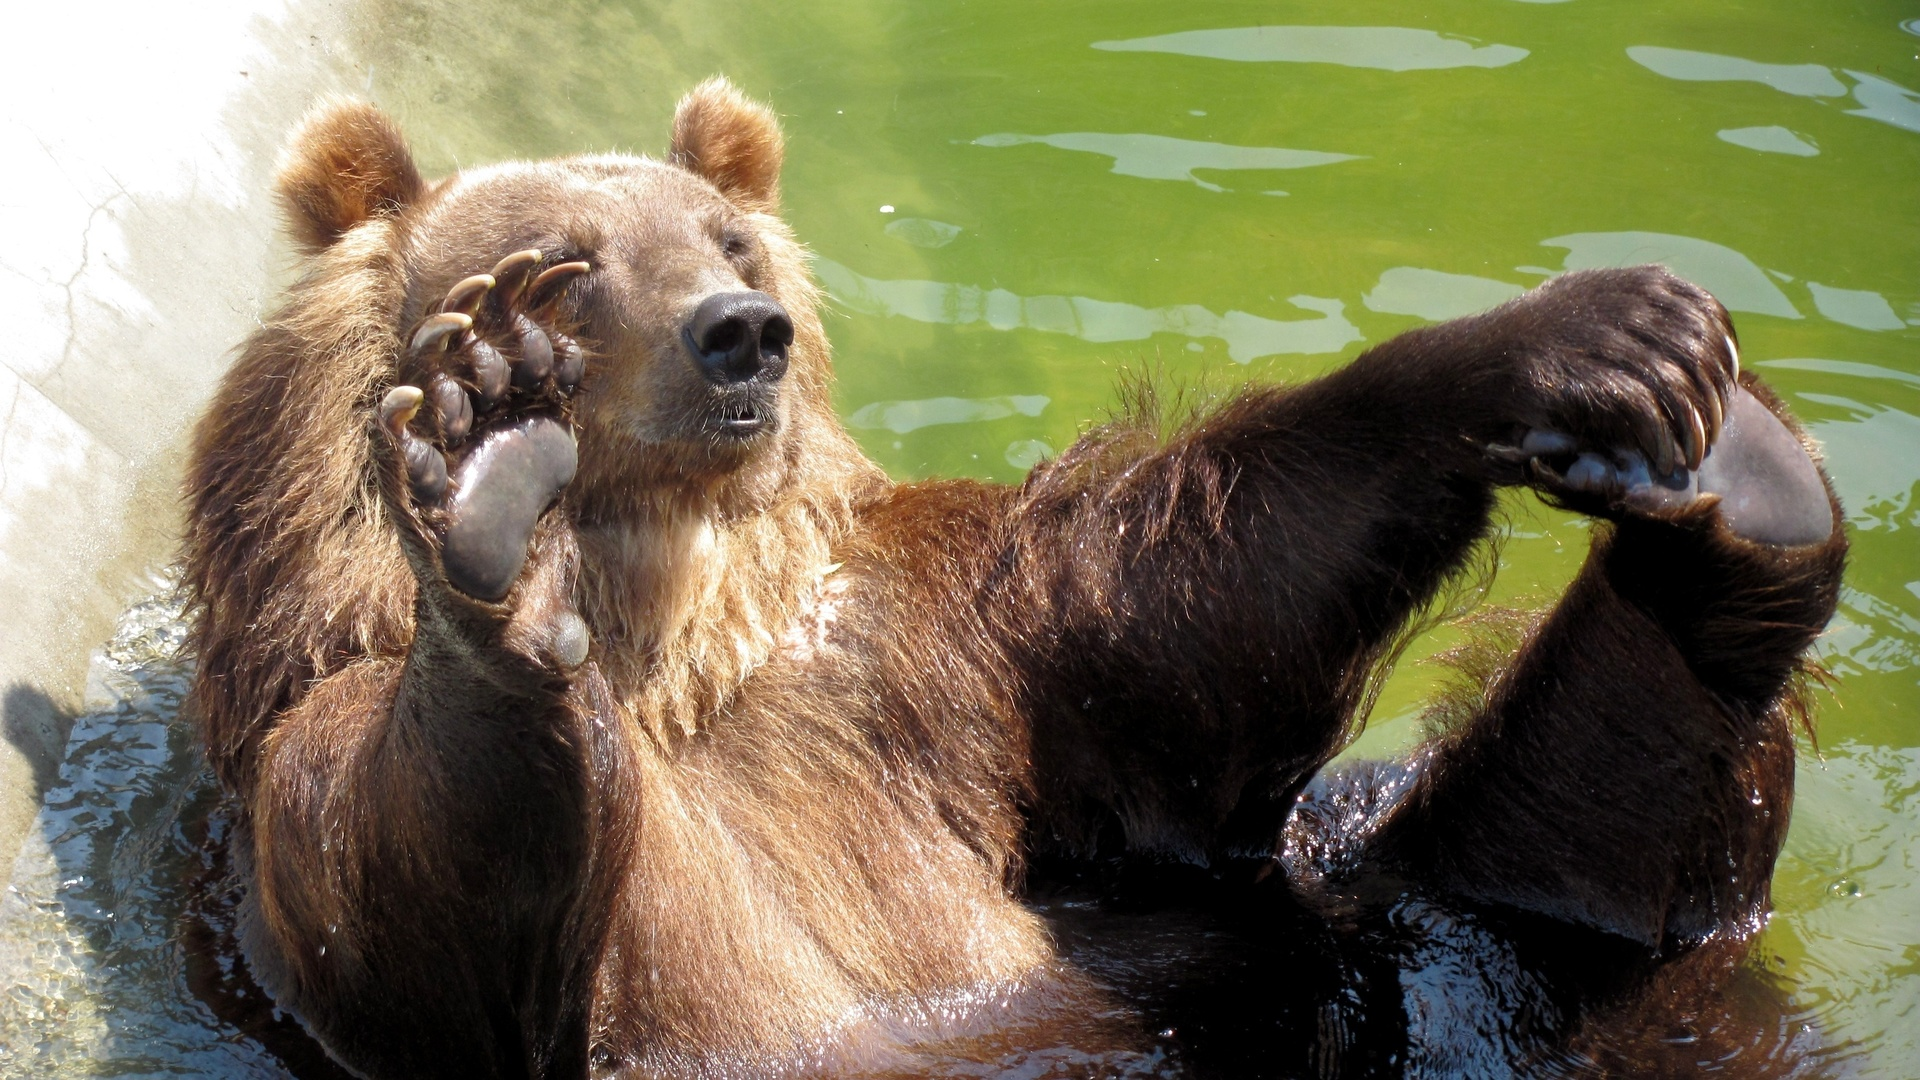 Подруге, картинки привет прикольные животные